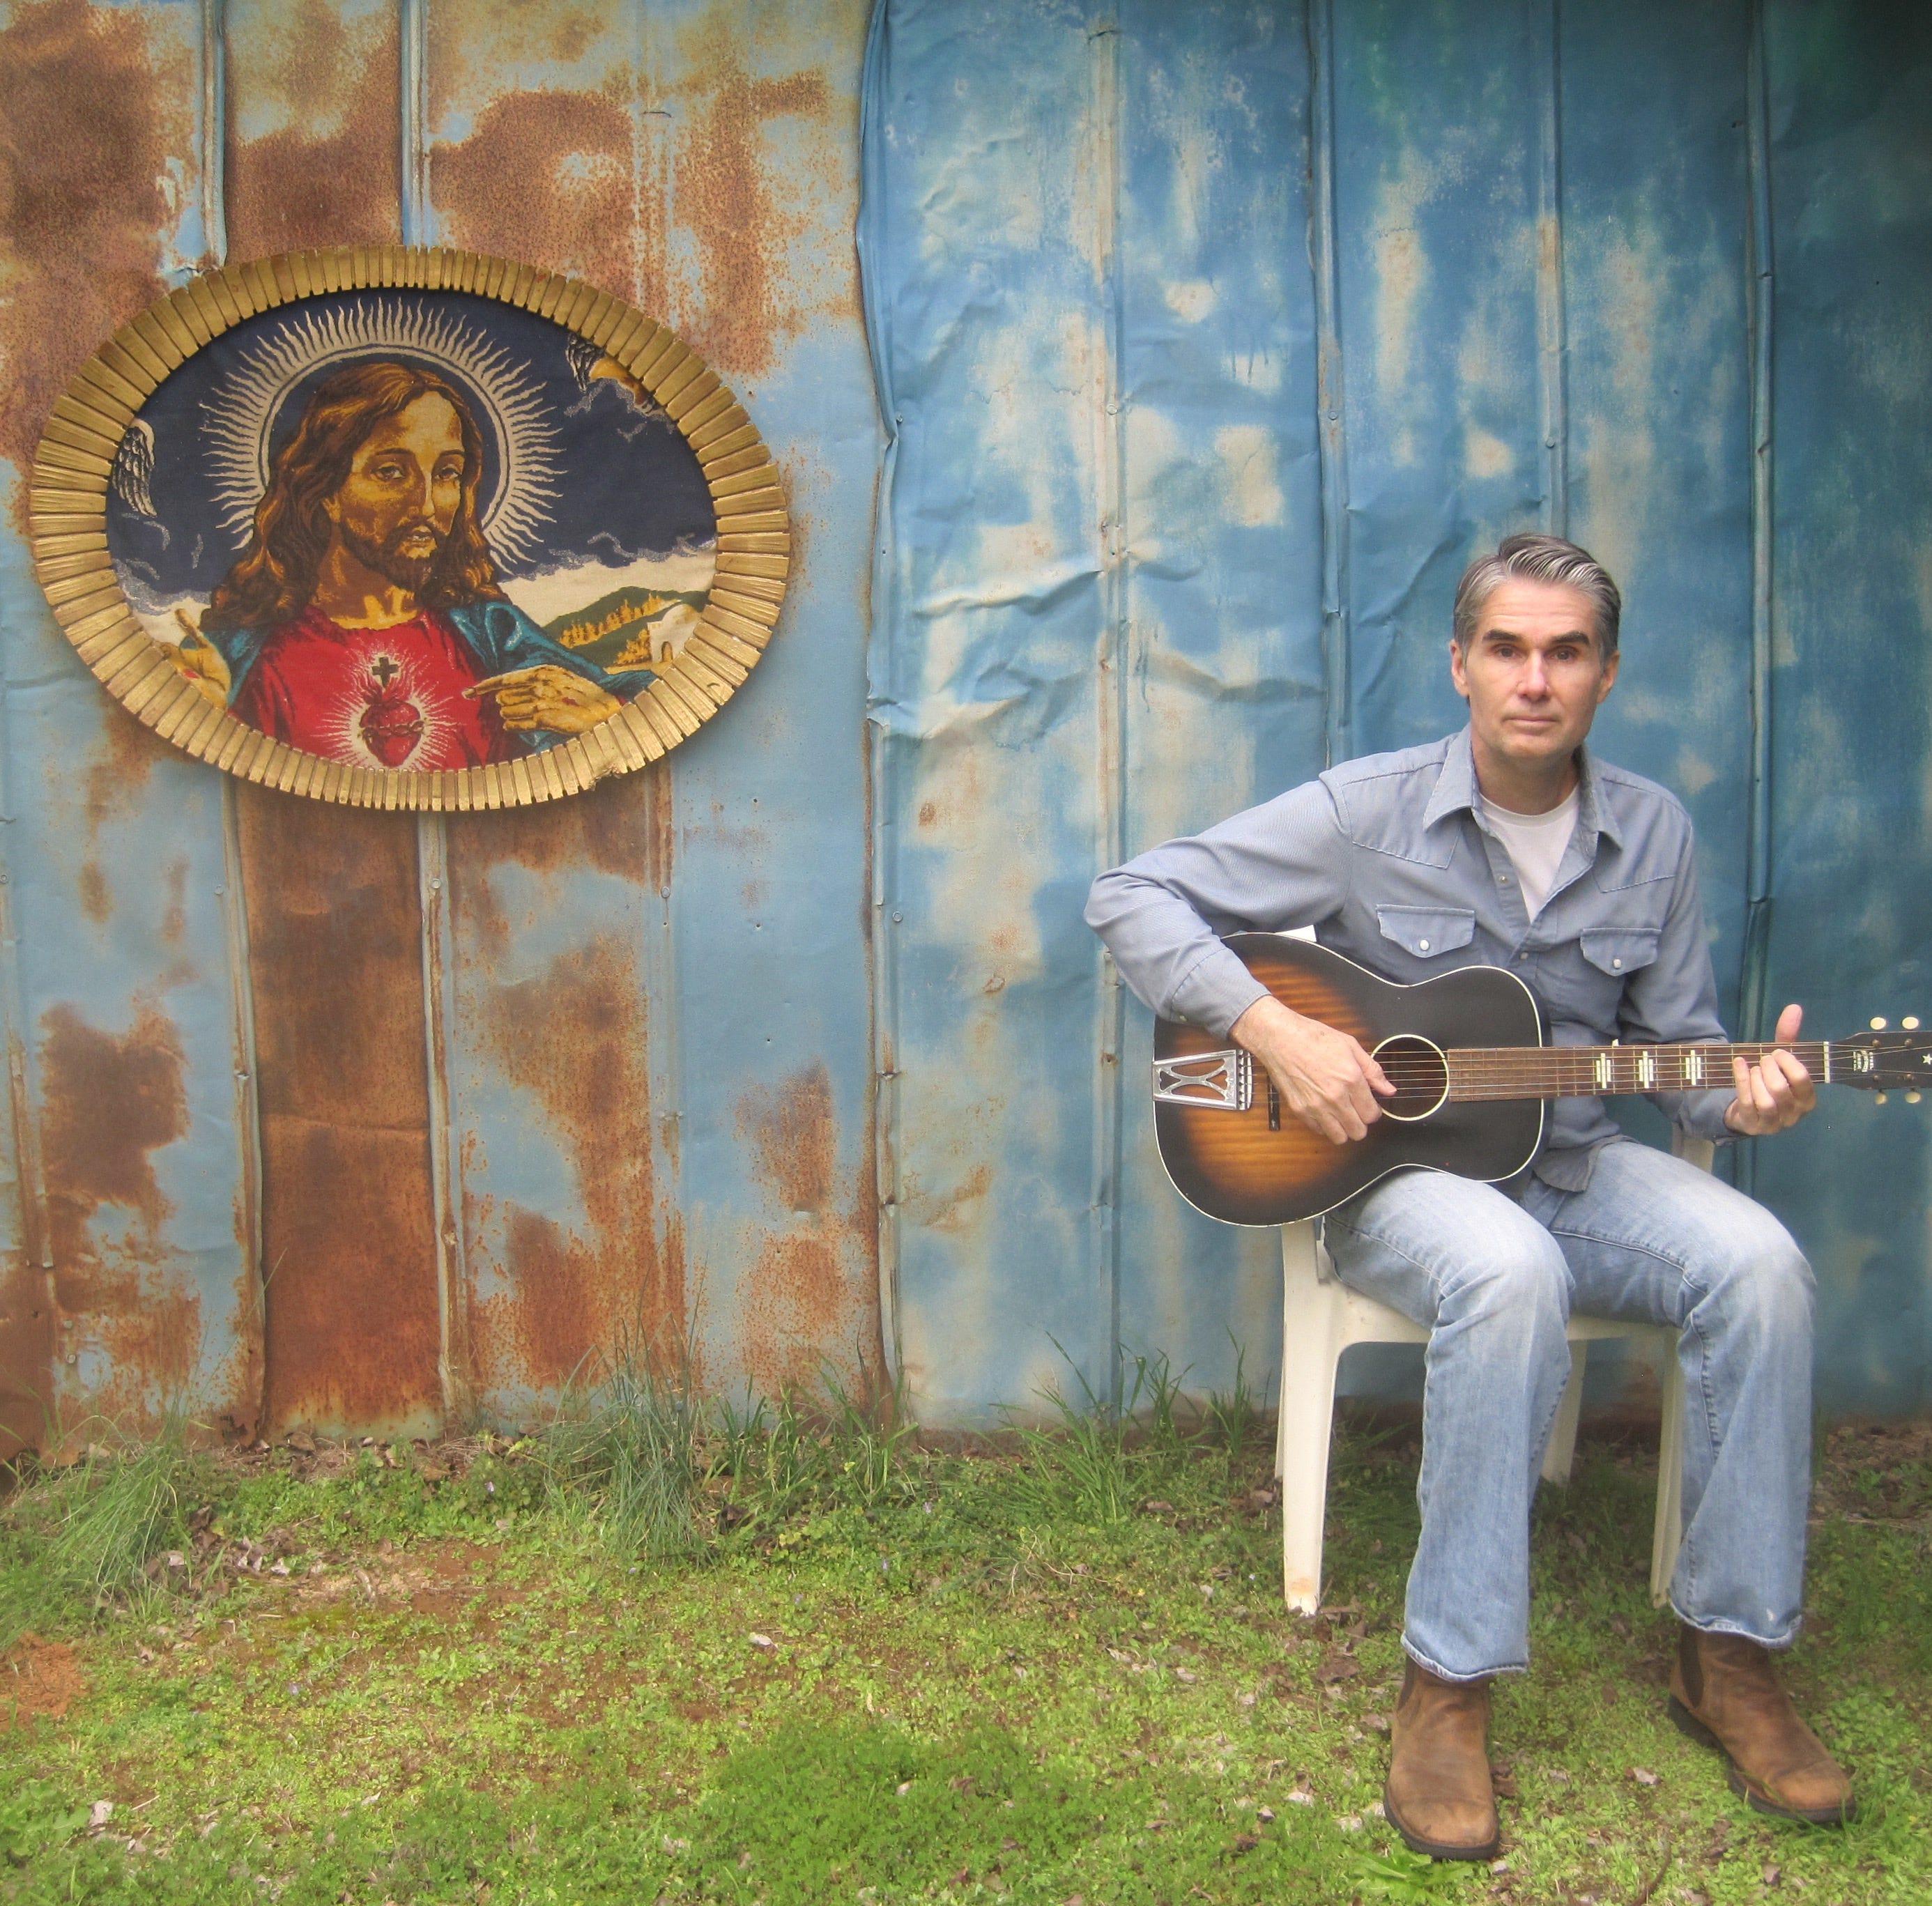 Jim White brings new album, 'Waffles, Triangles & Jesus,' to Sopchoppy | Music roundup